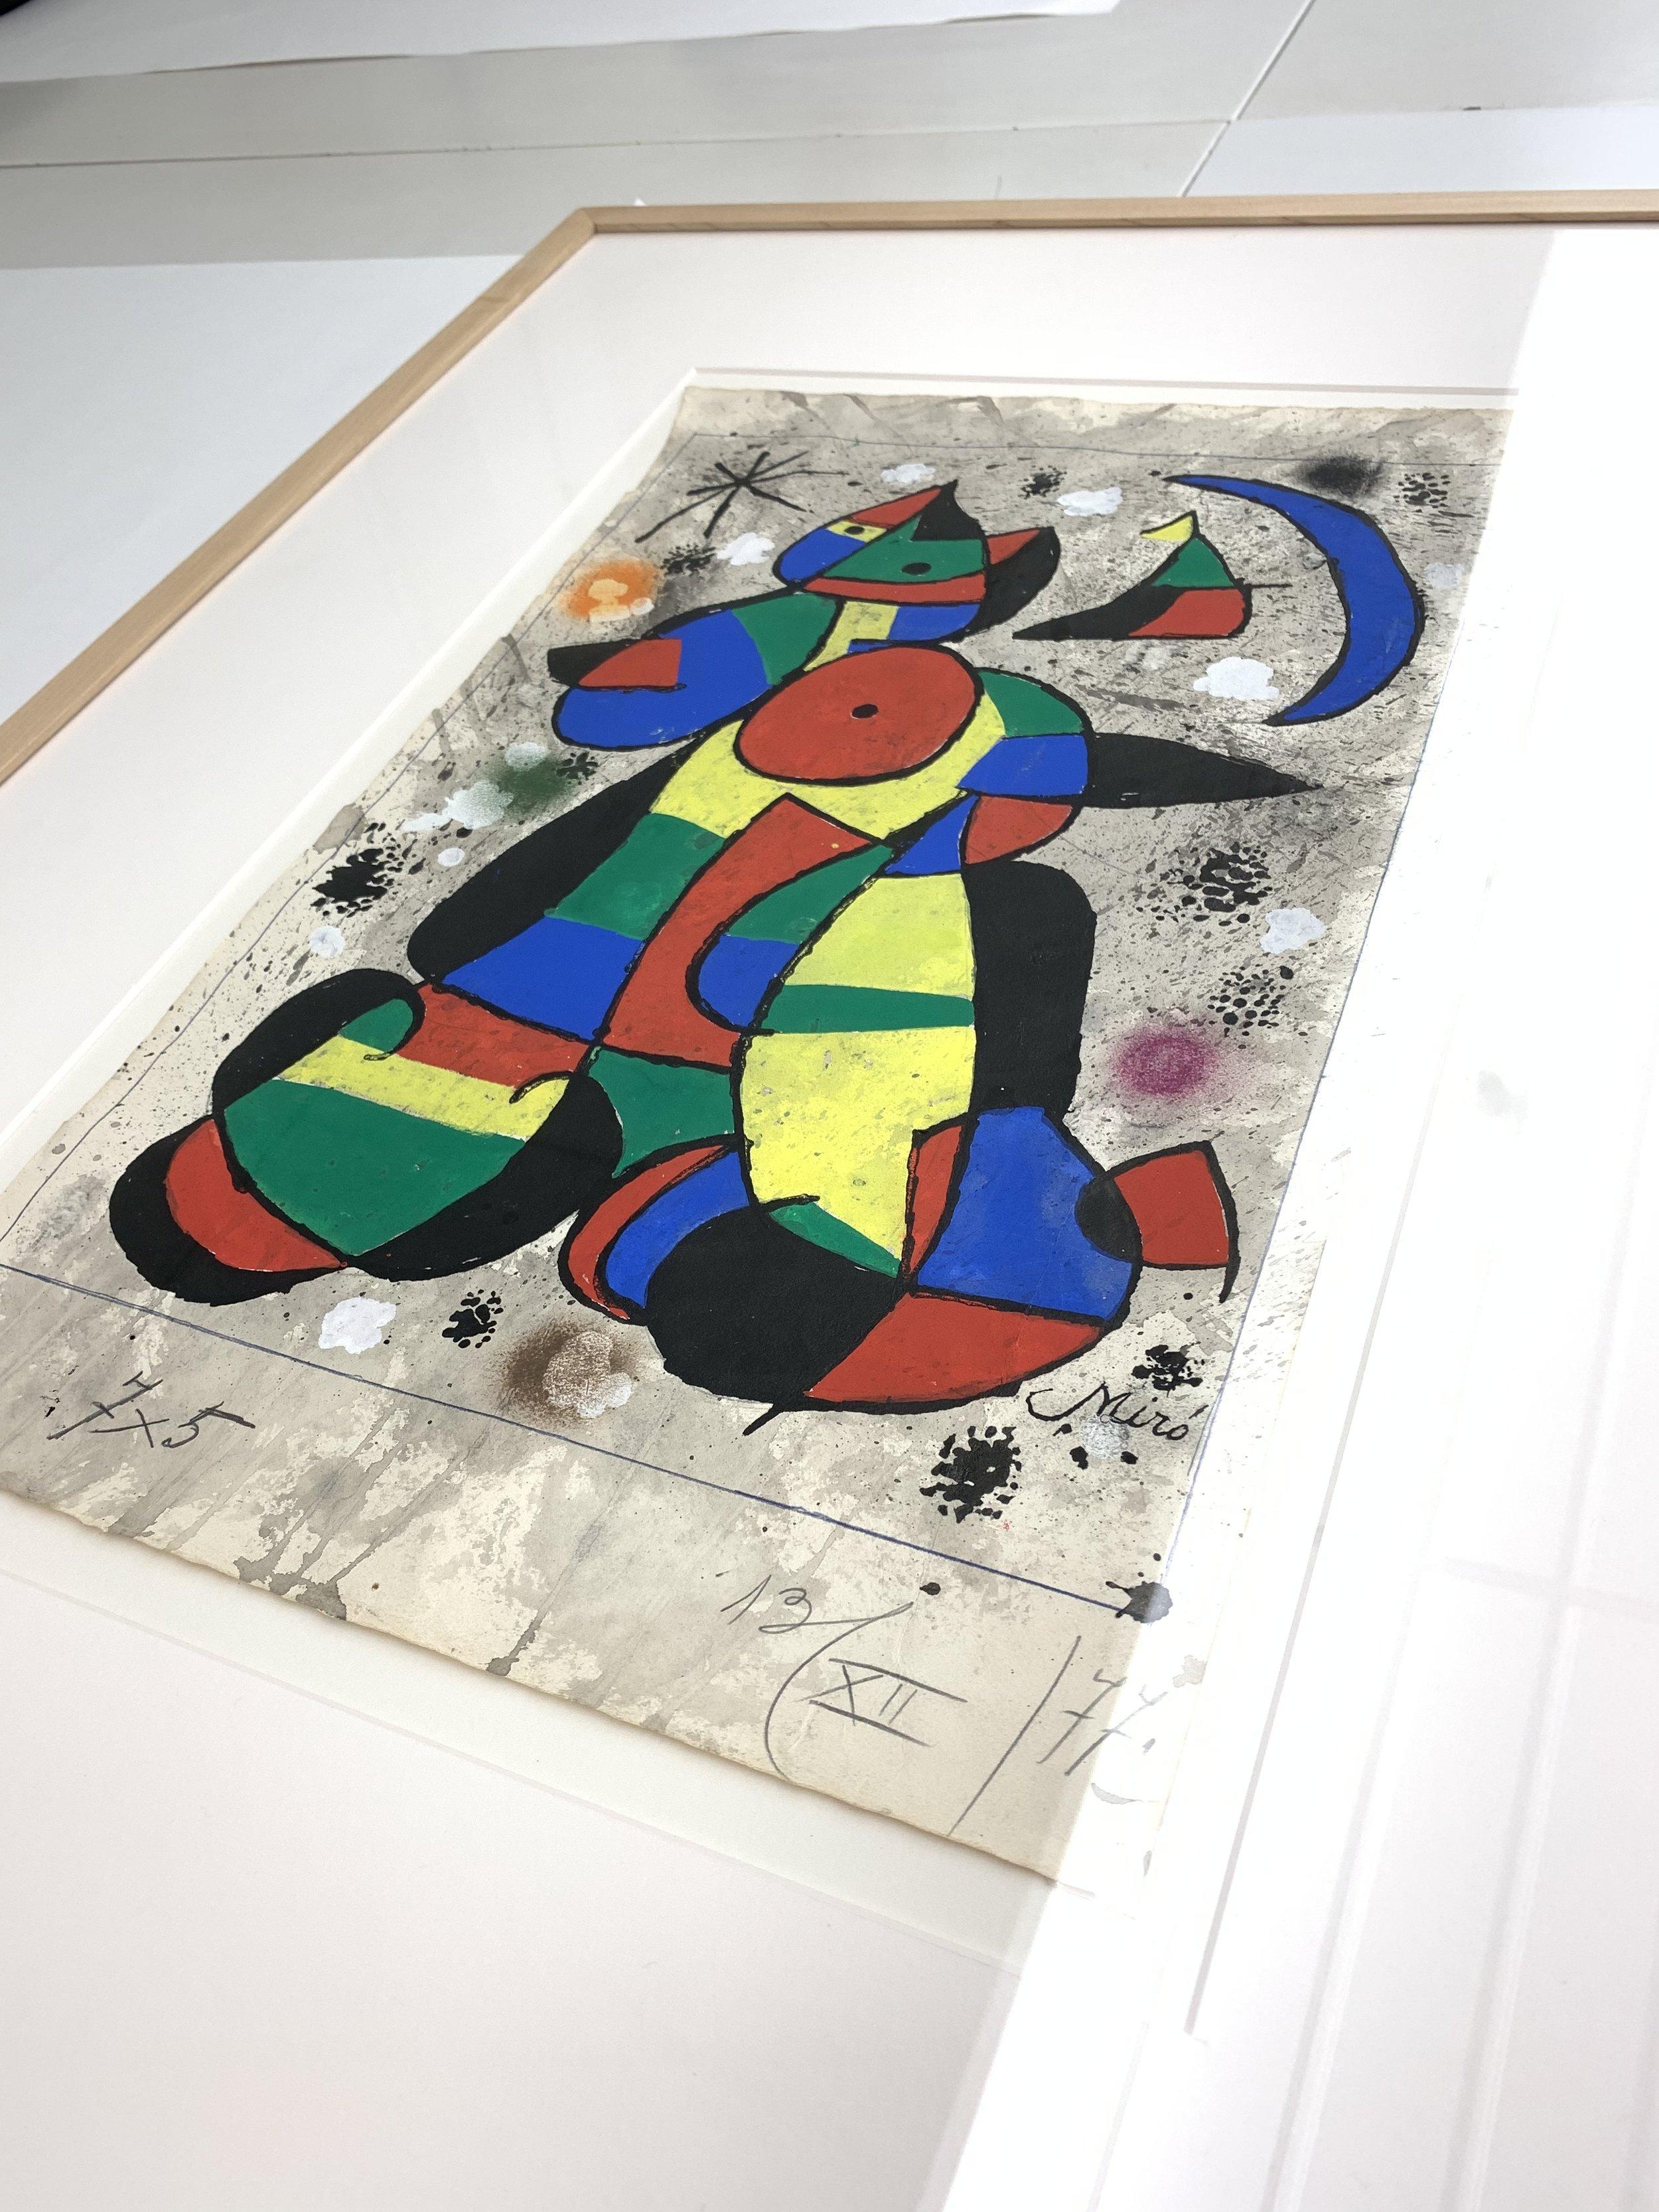 El original en el archivo de la Fundación Joan Miró